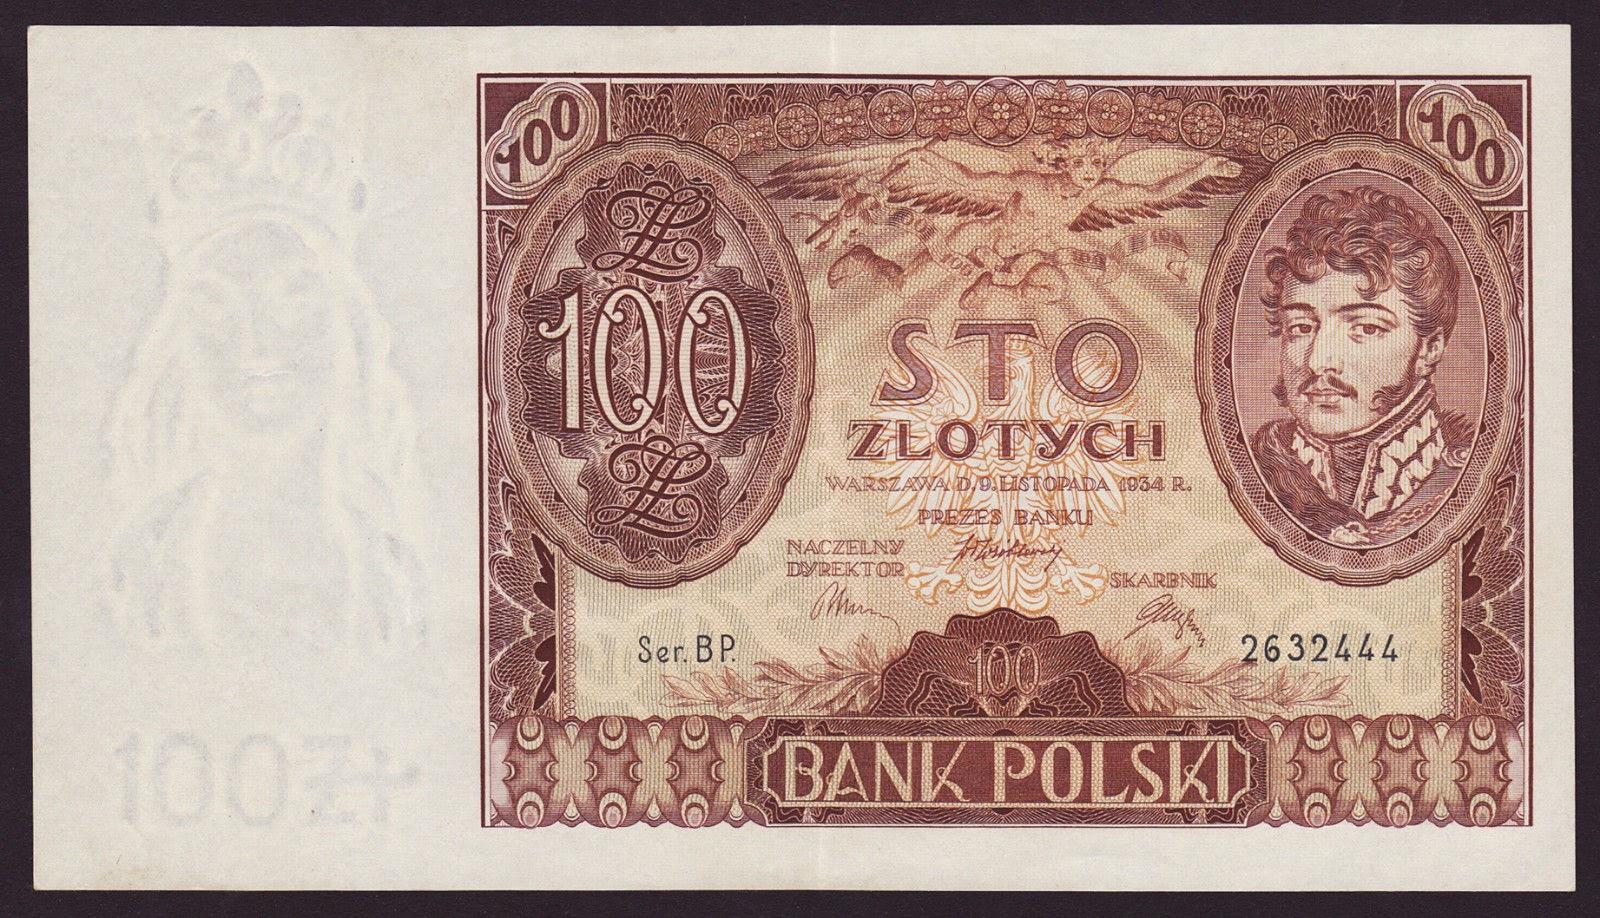 Poland Banknotes 100 Zloty banknote 1934 Prince Jozef Poniatowski